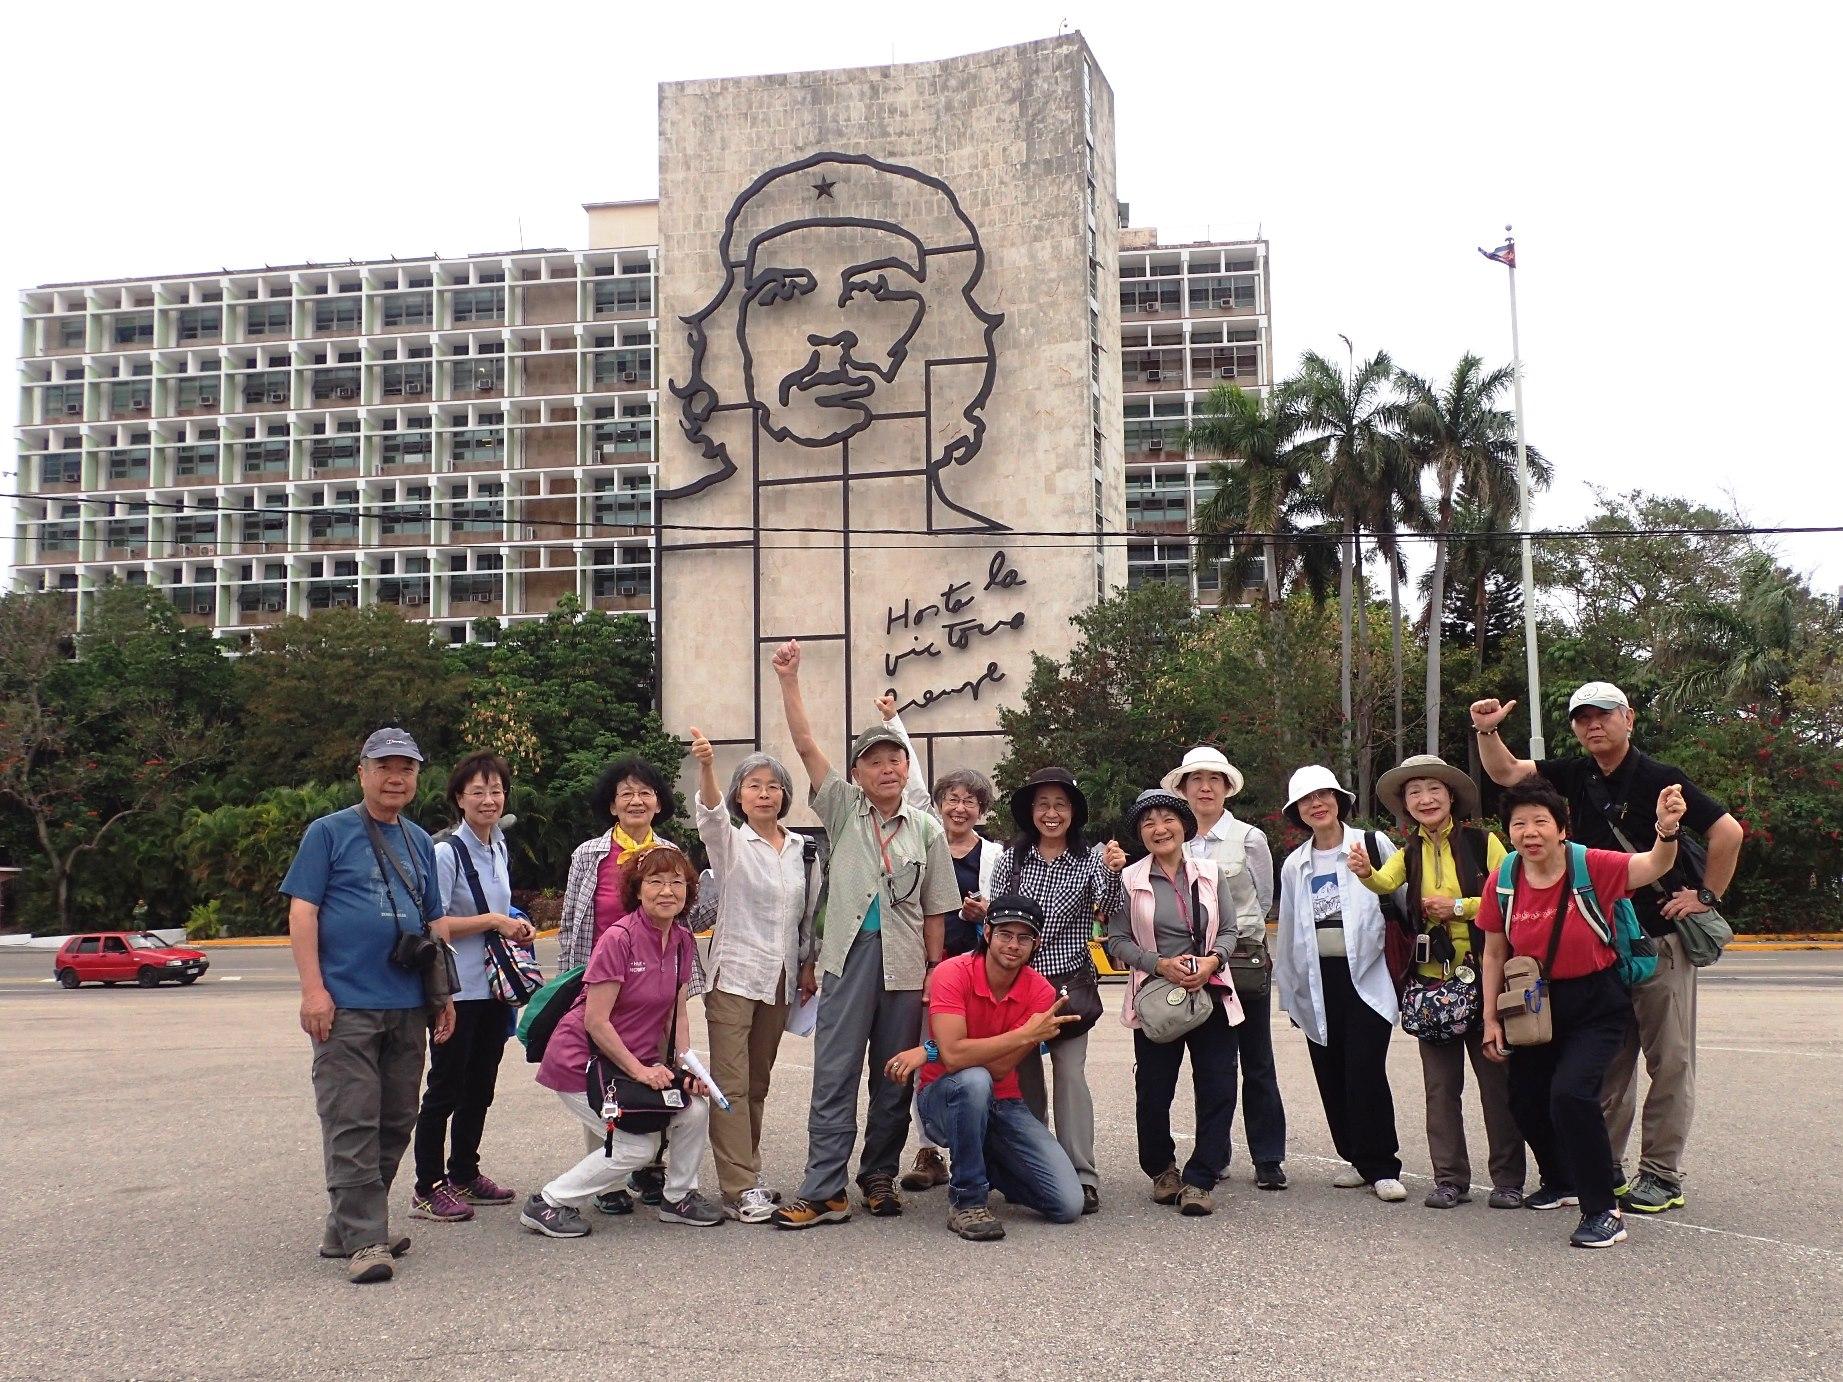 4月20日出発 「キューバ最高峰ピコ・トゥルキノ登頂(1,974m)とキューバ縦断の旅 12日間」